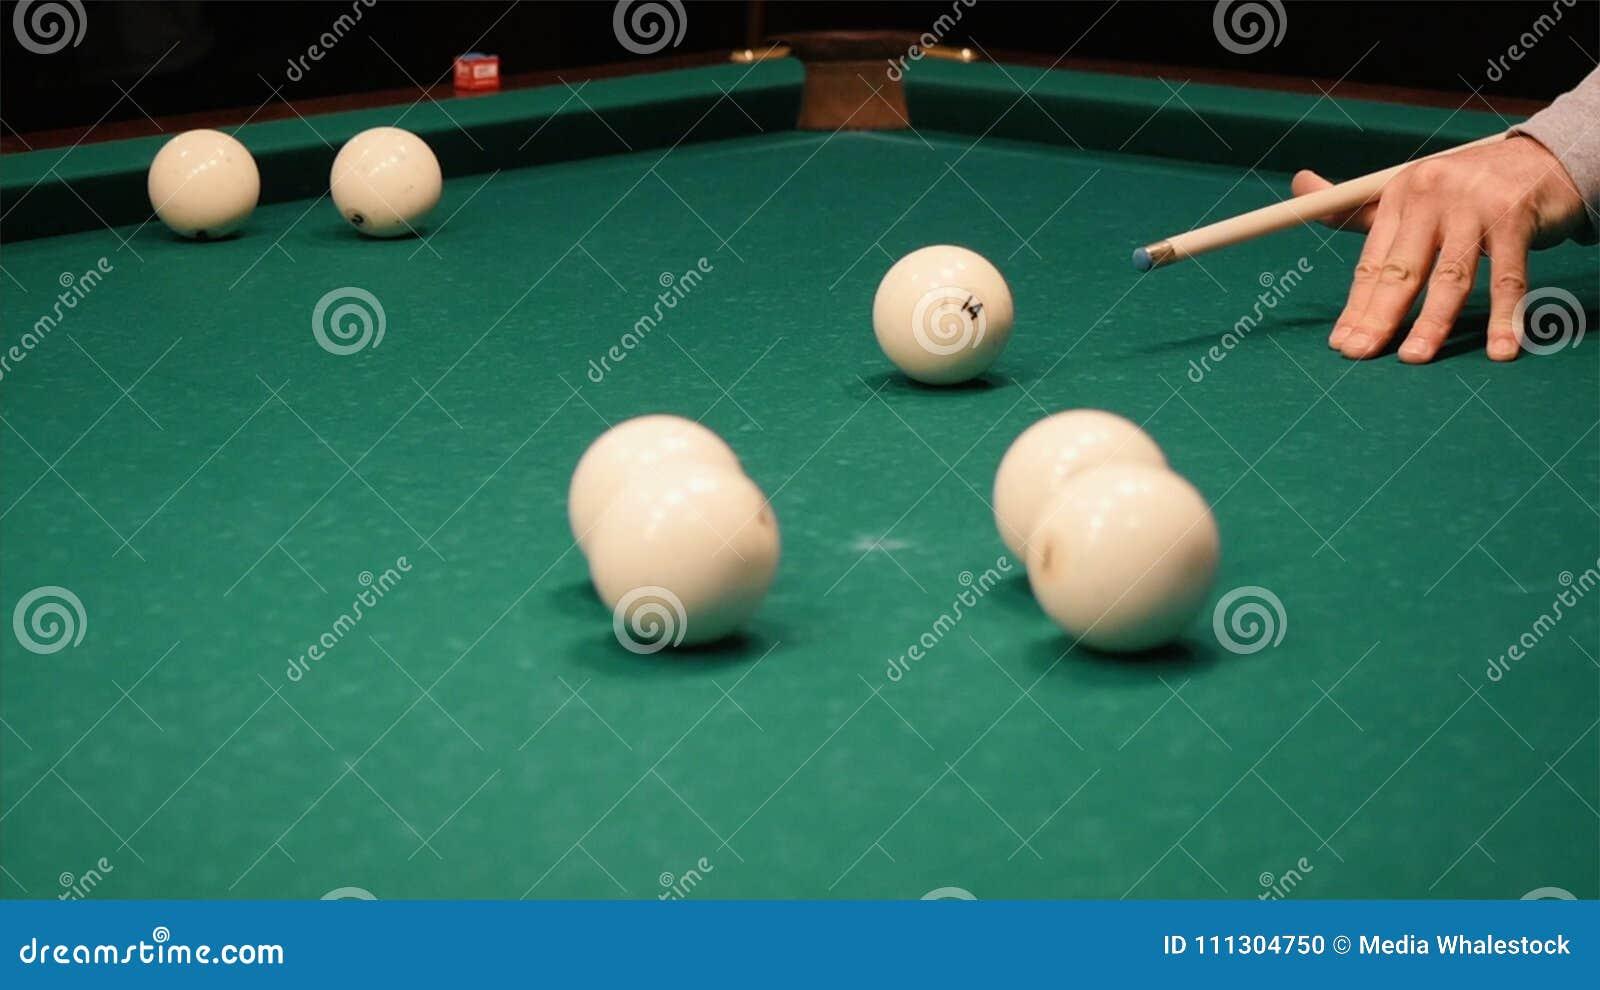 Grał w bilard klamerka Dmuchający wskazówkę na piłce piłka uderza kieszeń piłka no uderzał kieszeni, billard